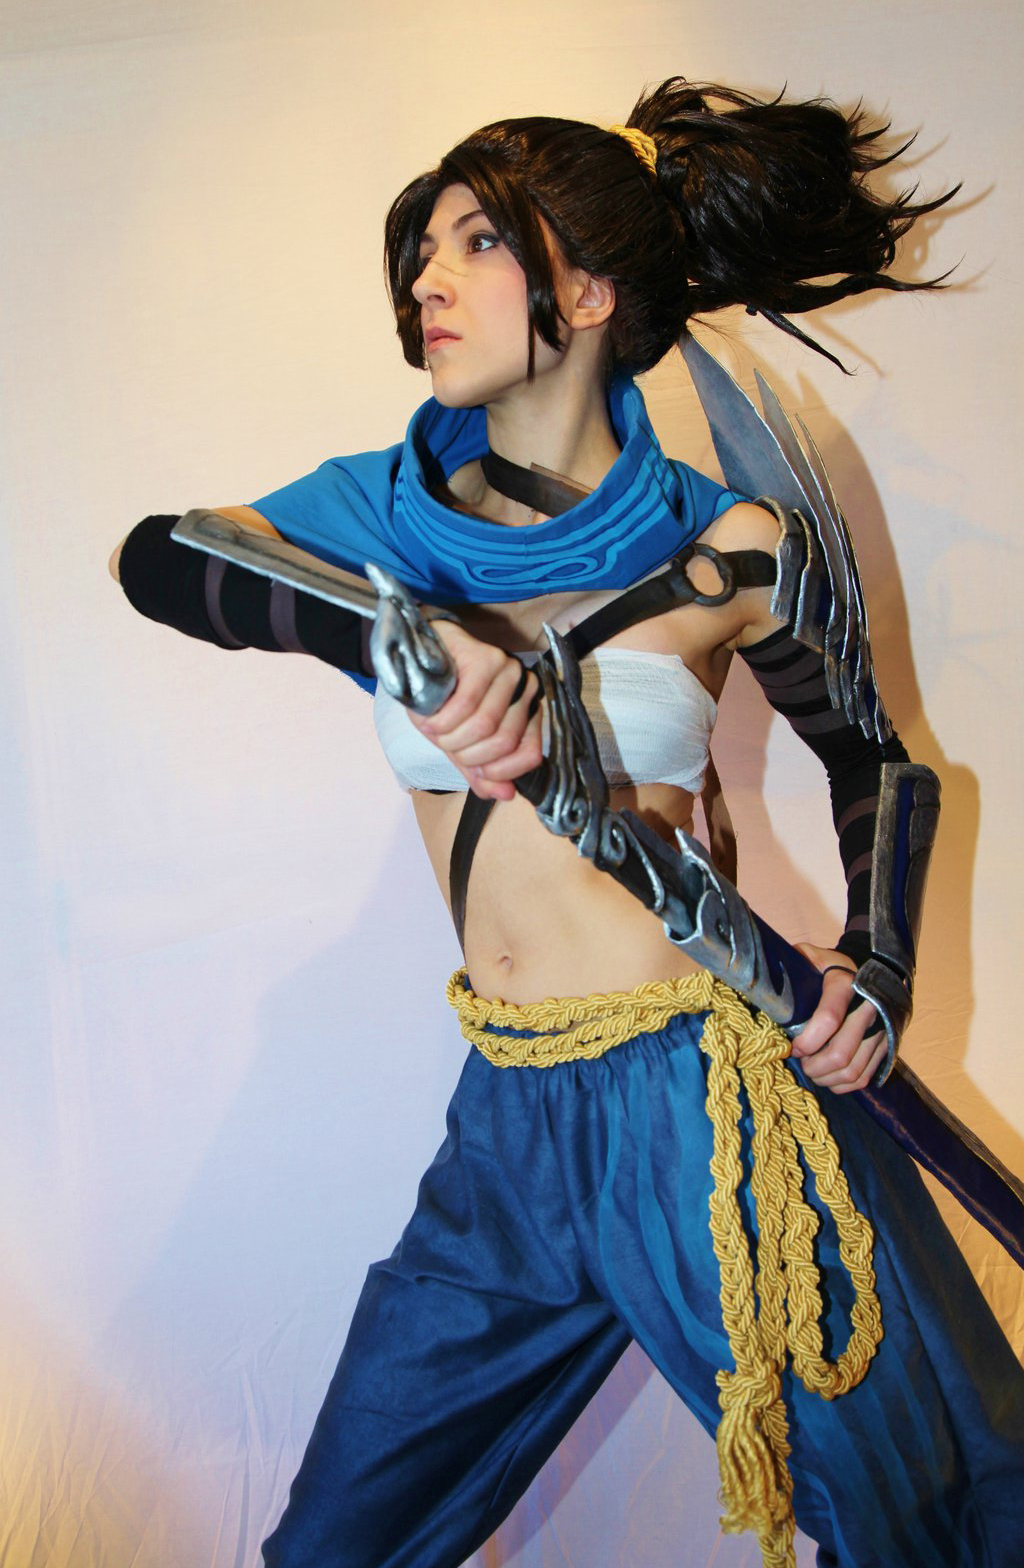 Ngắm cosplay Yasuo phiên bản nữ cực quyến rũ - Ảnh 8